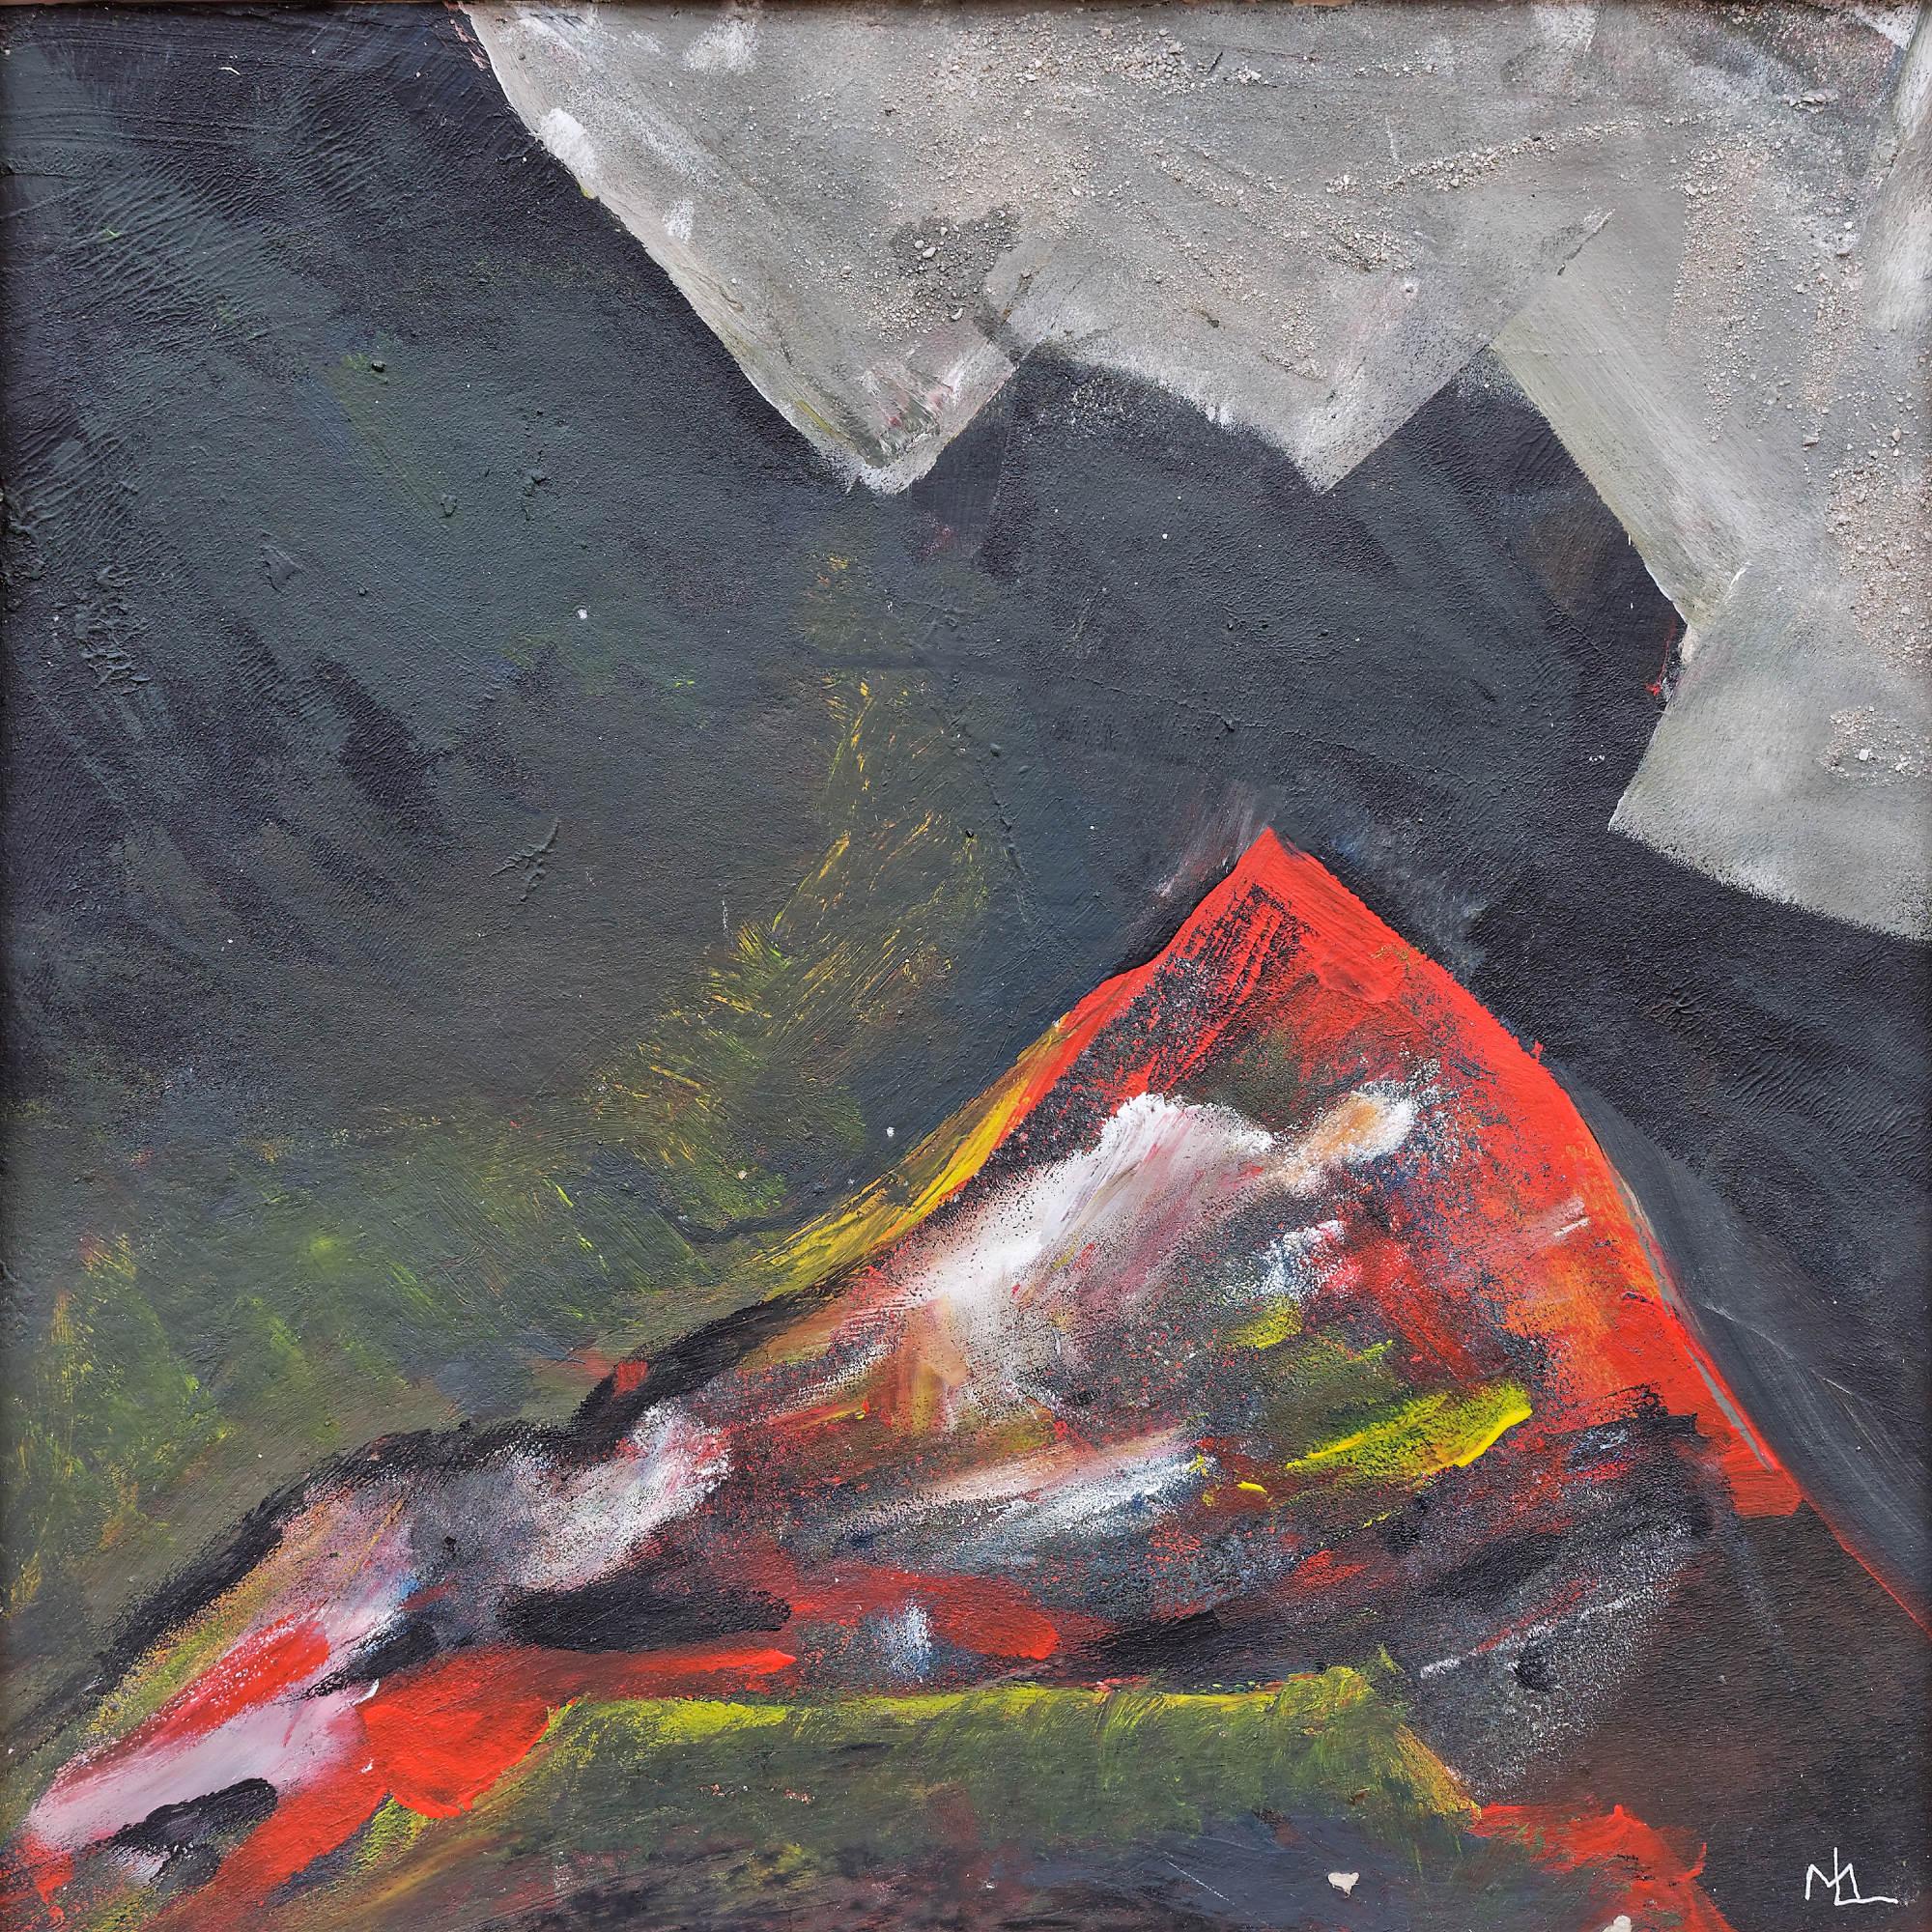 2003 - Rot auf Schwarz, 40x30cm, Acryl